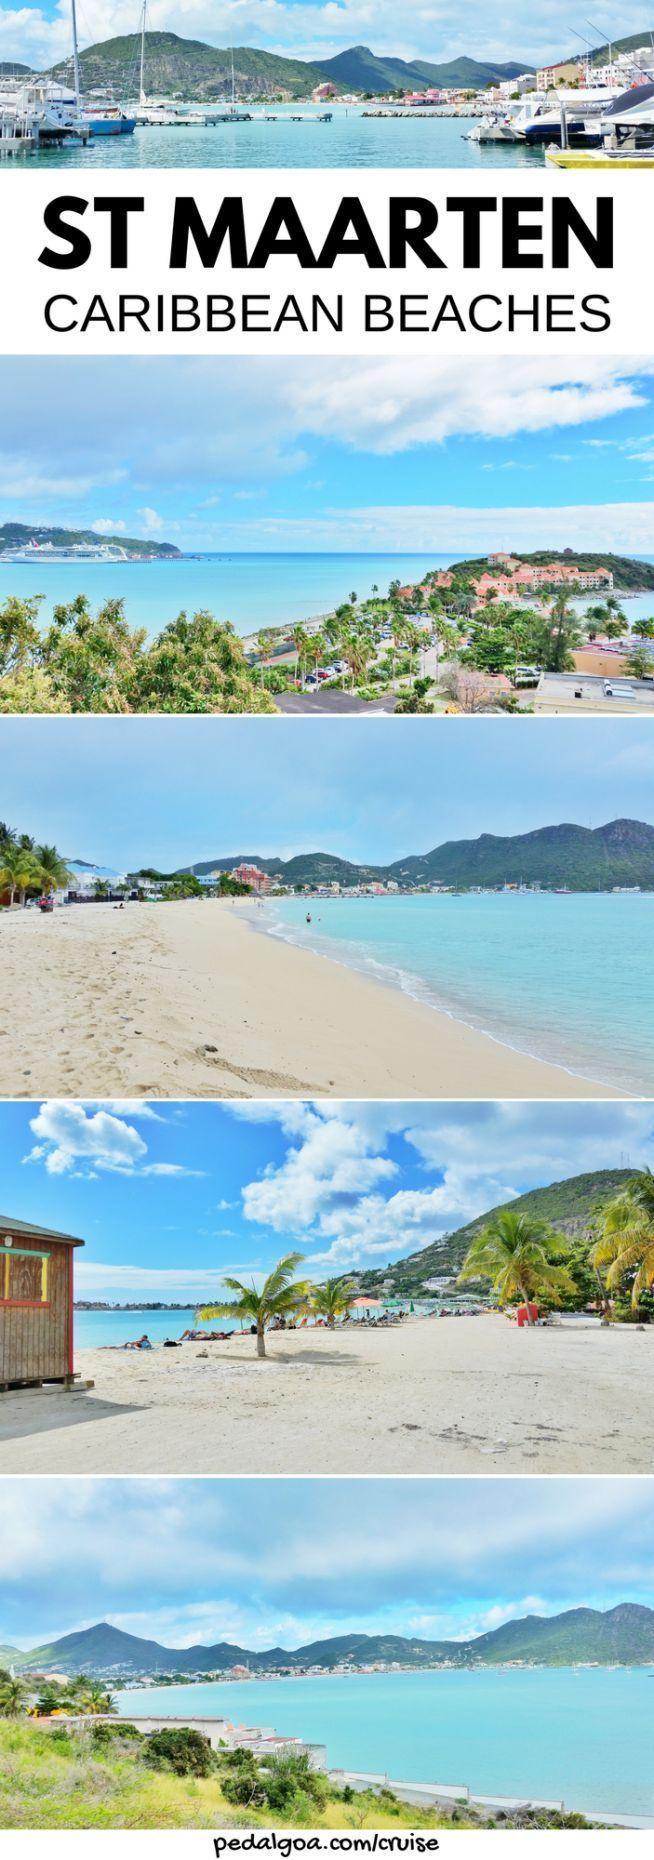 St. Maarten Beaches + Things To Do Near St. Maarten Cruise